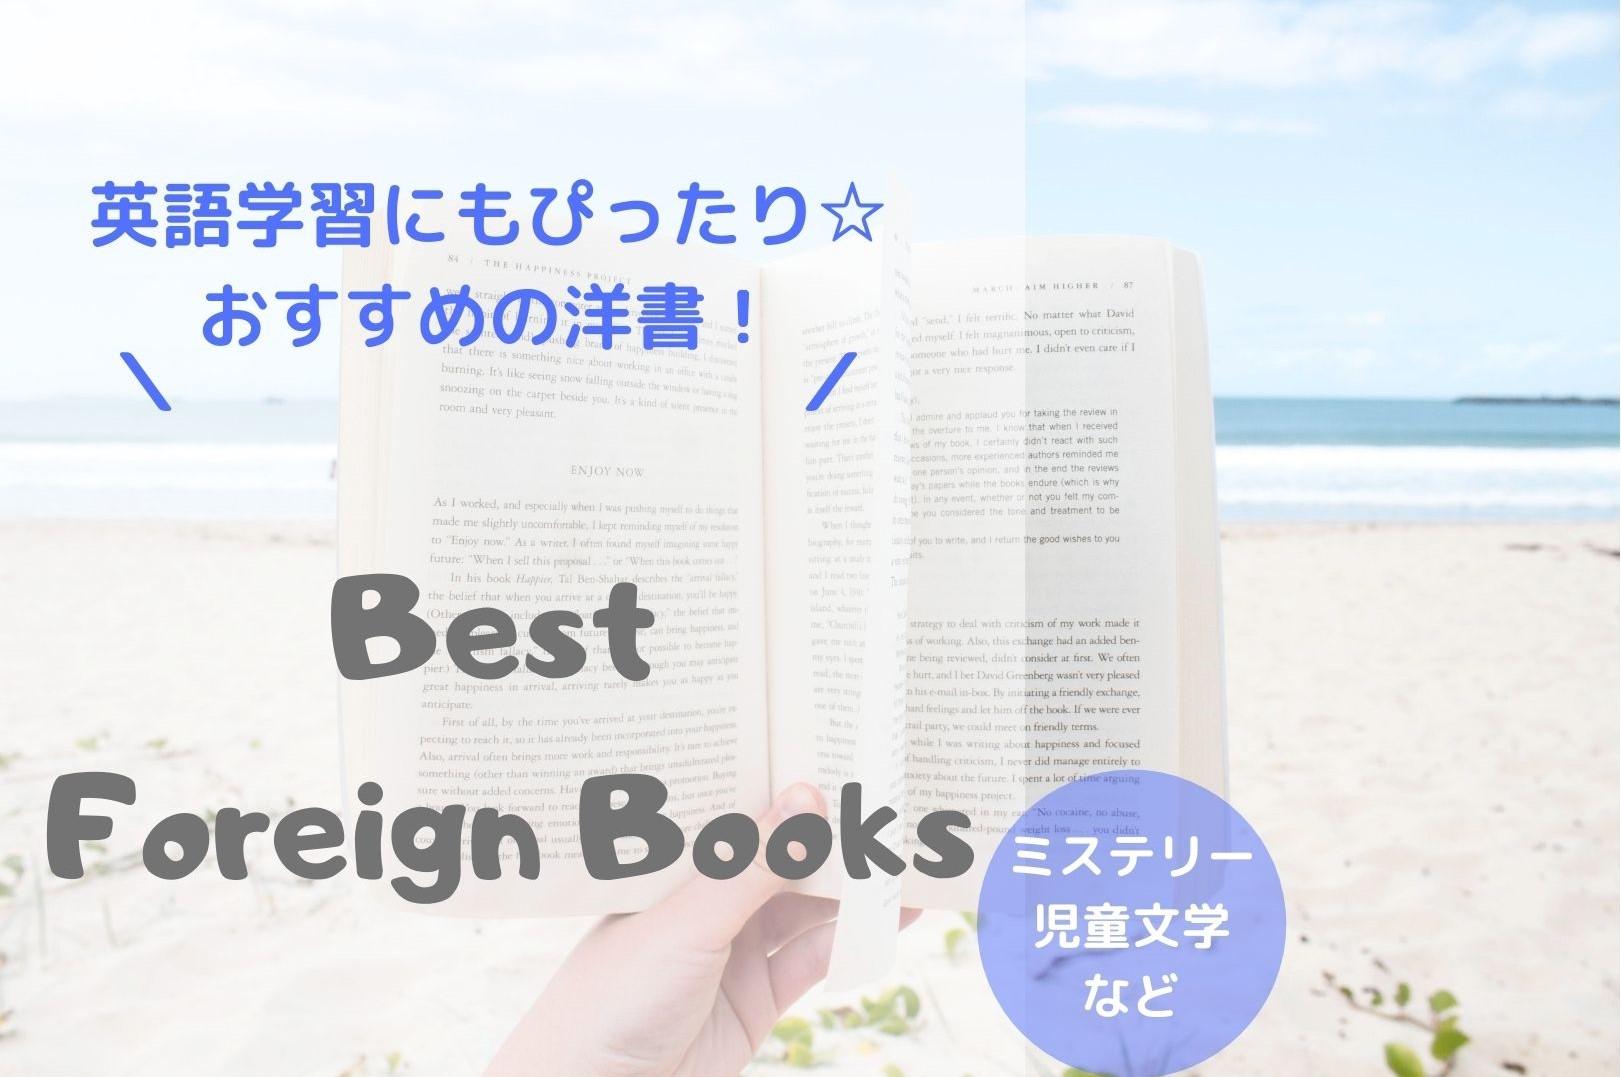 【英語勉強】おすすめの洋書14選☆読みやすくて英語学習にぴったり!   ~ Que Sera Sera ~